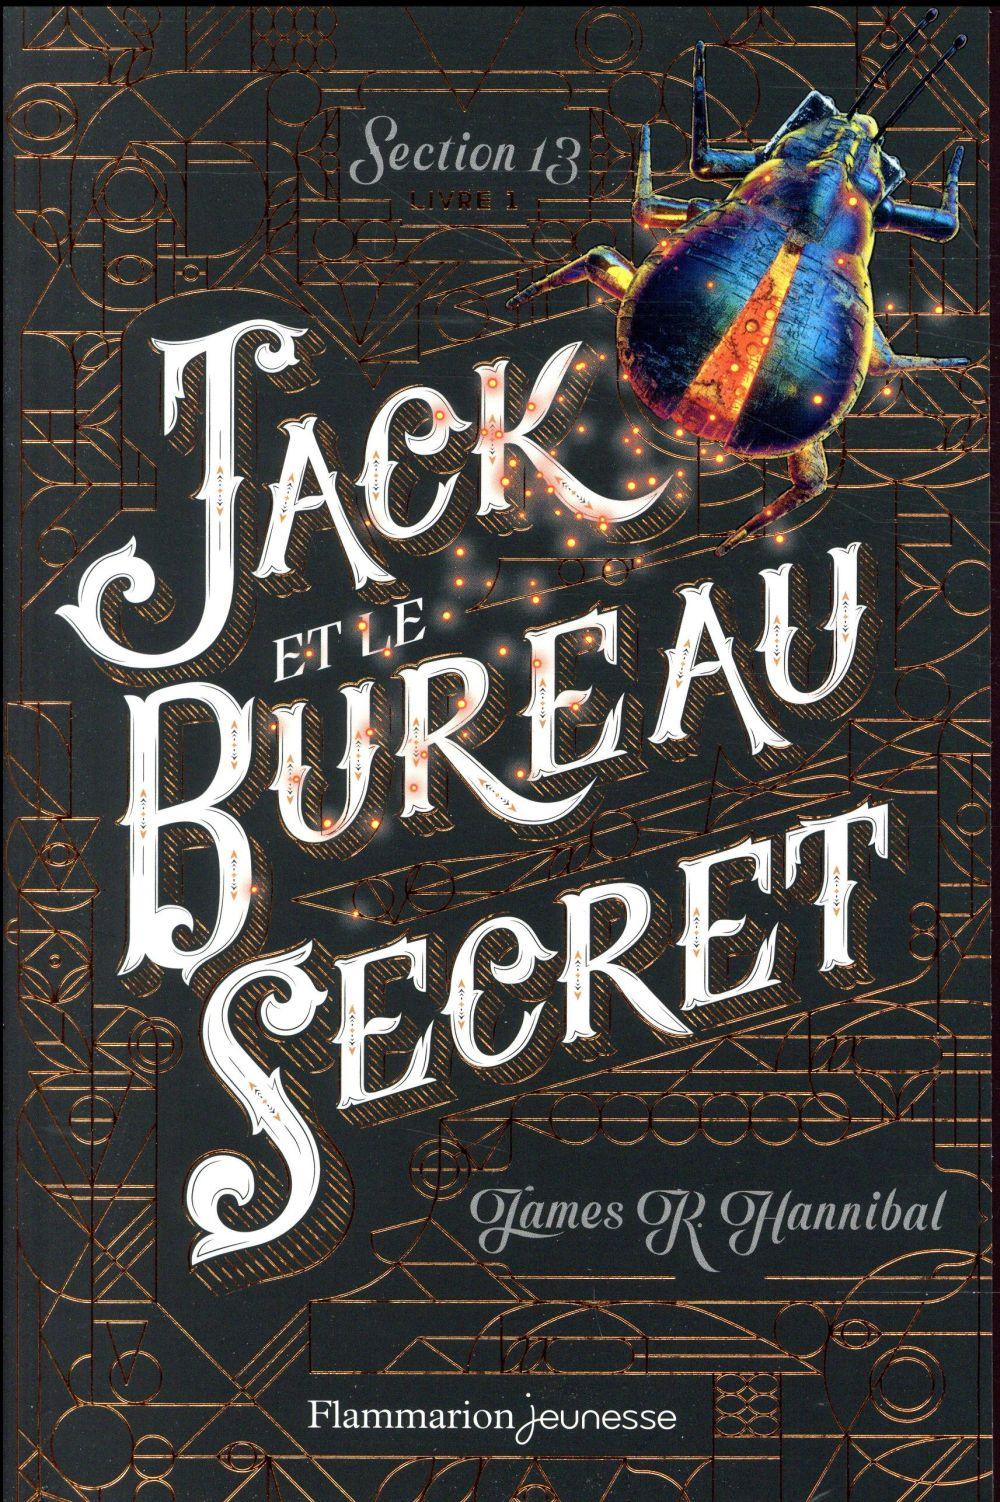 SECTION 13 T1 - JACK ET LE BUREAU SECRET